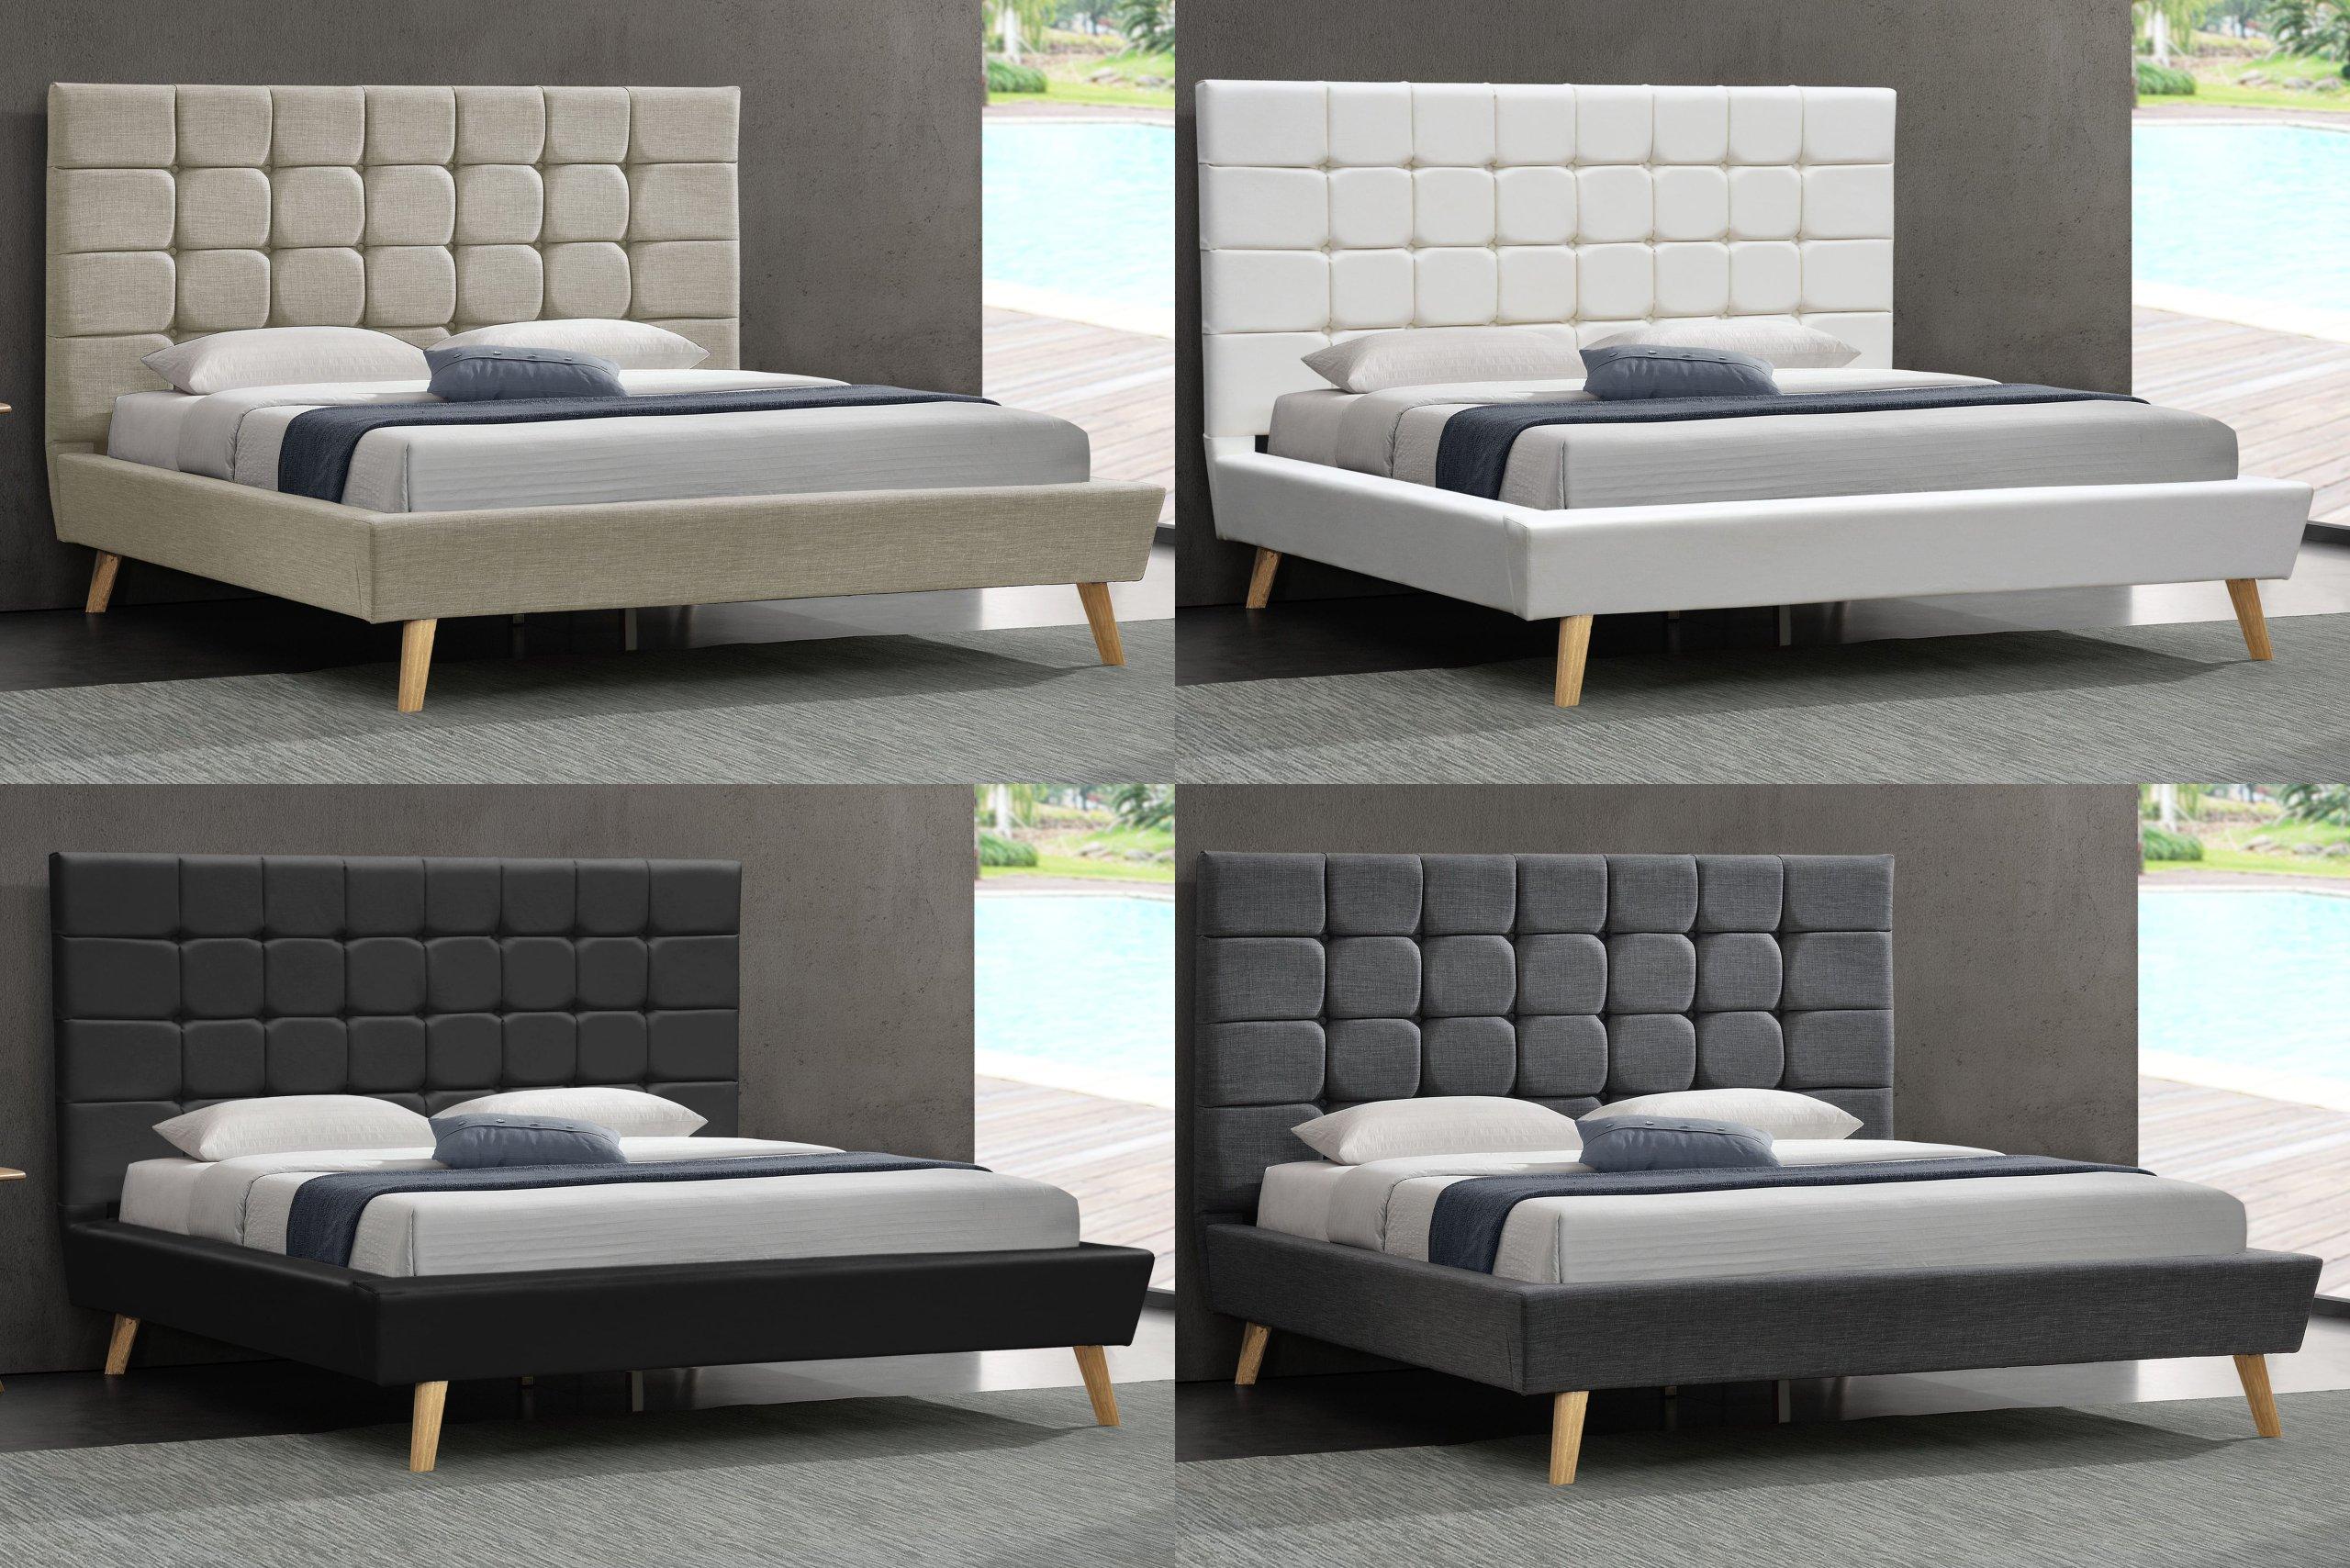 łóżko Tapicerowane Skandynawskie 1236 140x200 7200525332